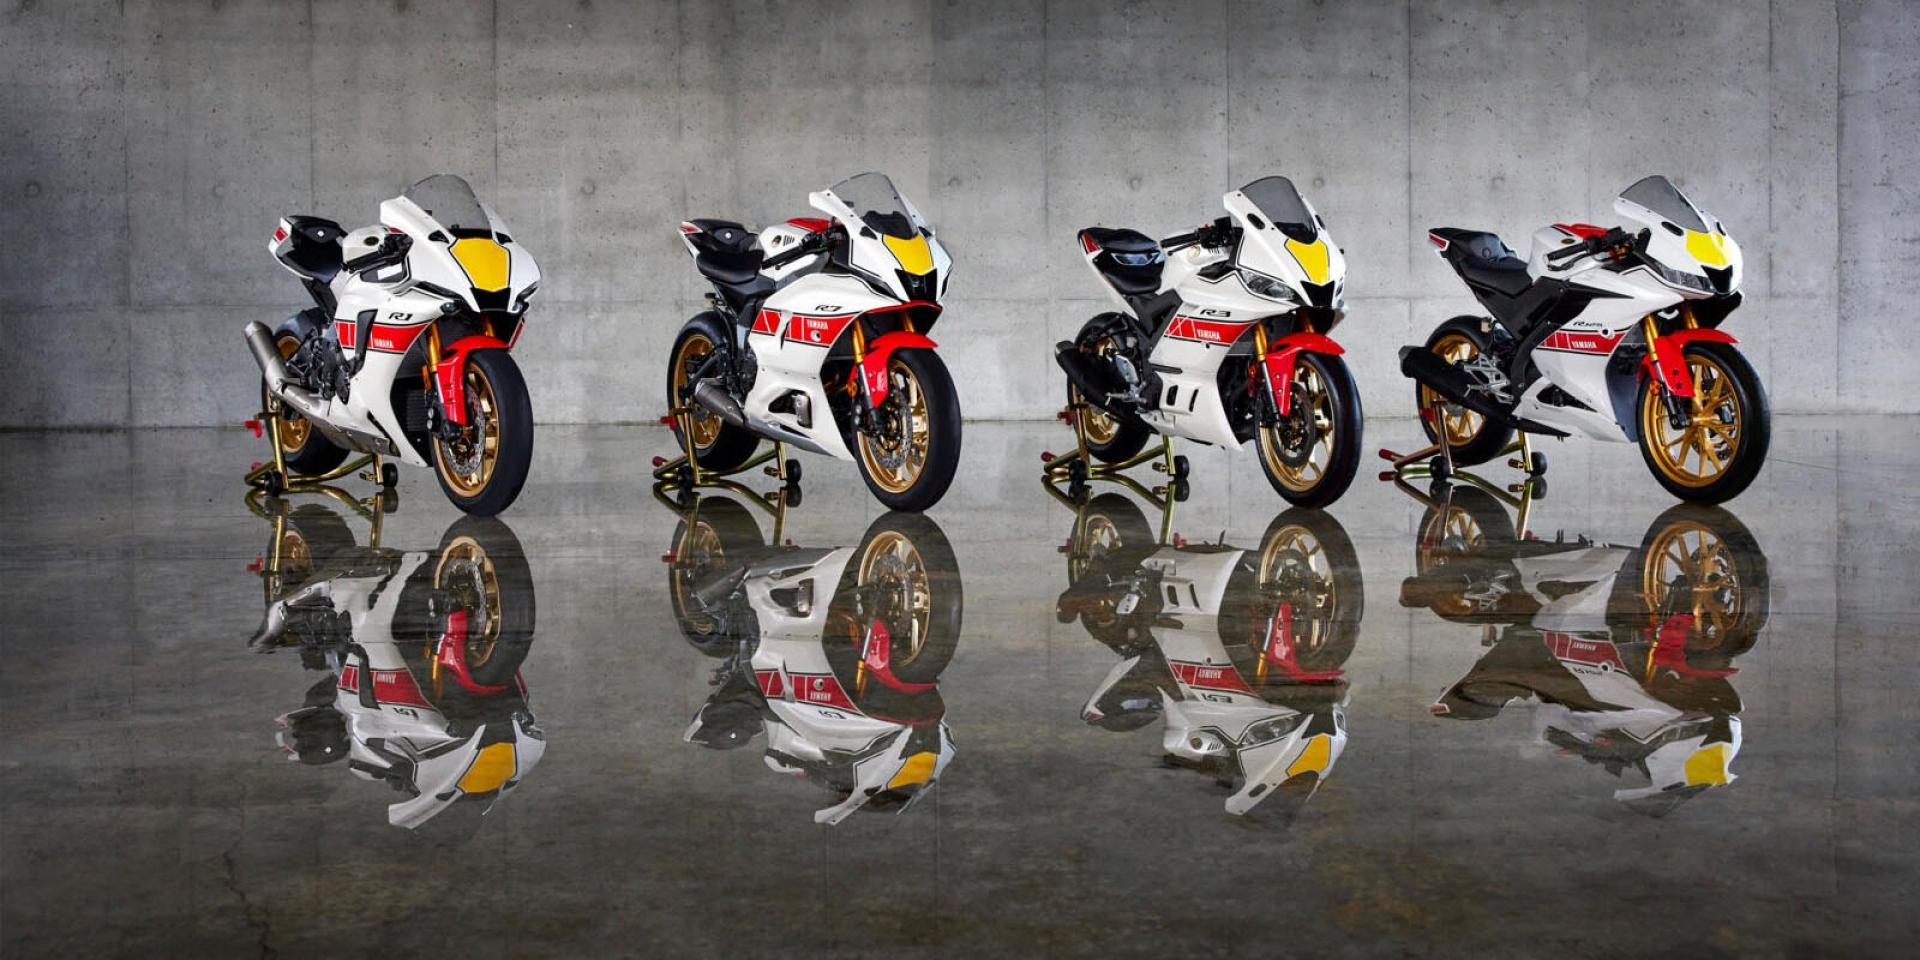 慶祝GP參賽60週年!YAMAHA推出YZF-R1、R7、R3推出紀念塗裝配色